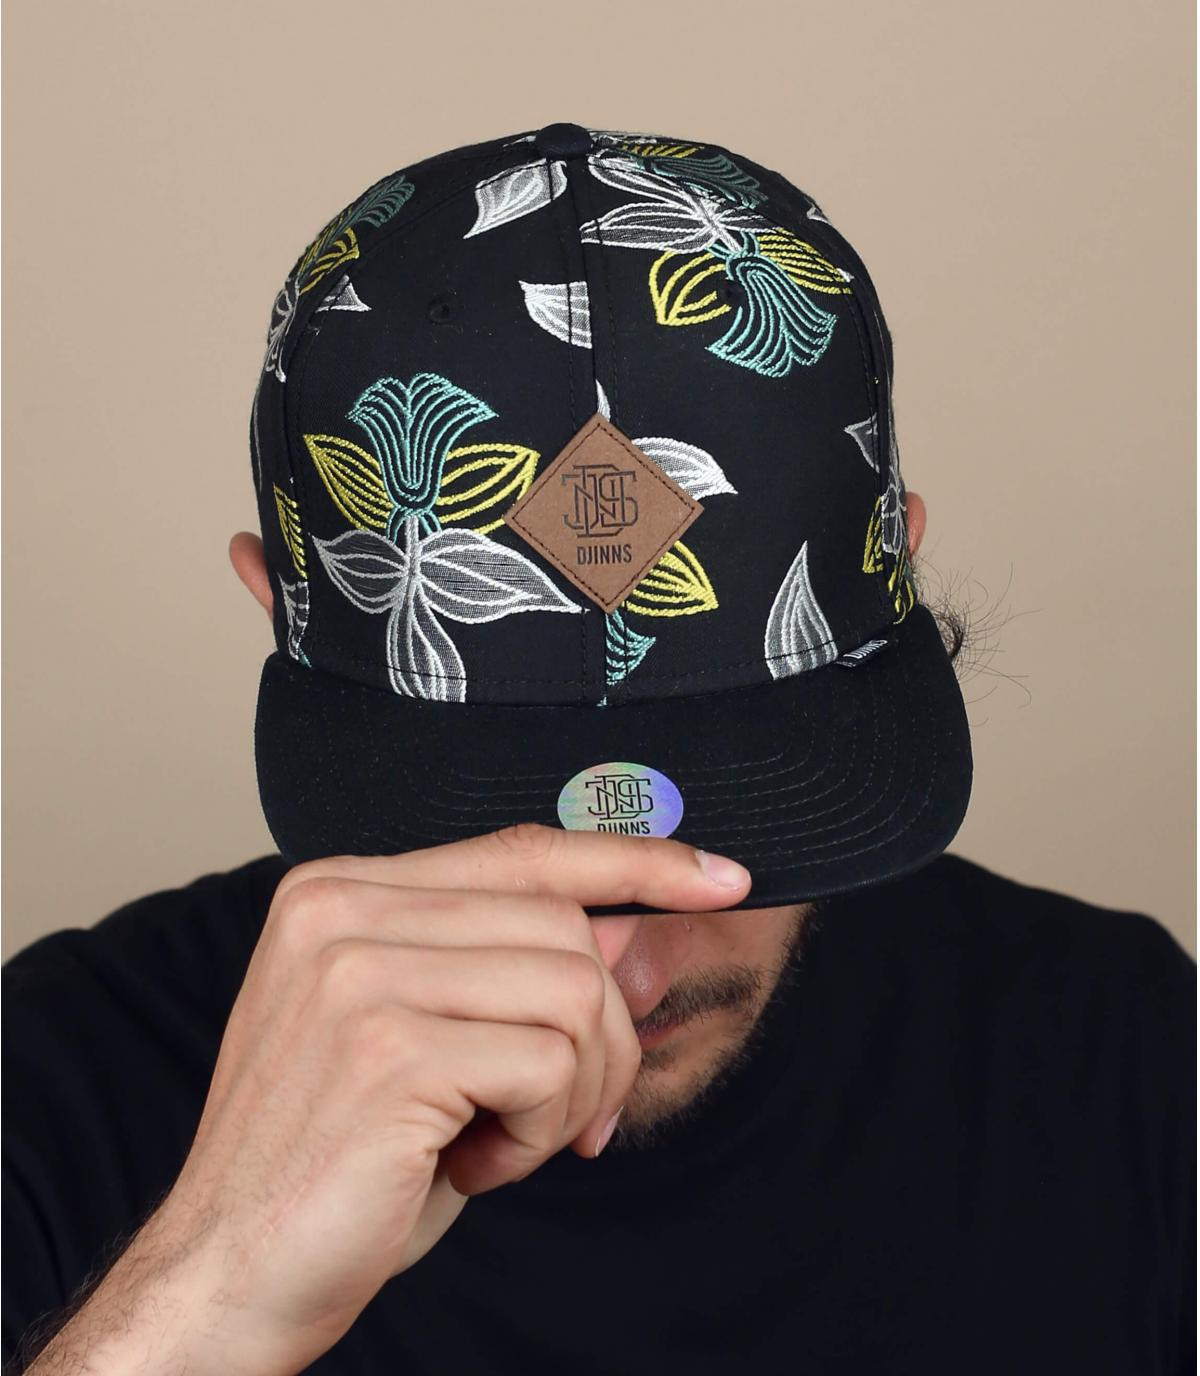 casquette noir fleurs Djinns